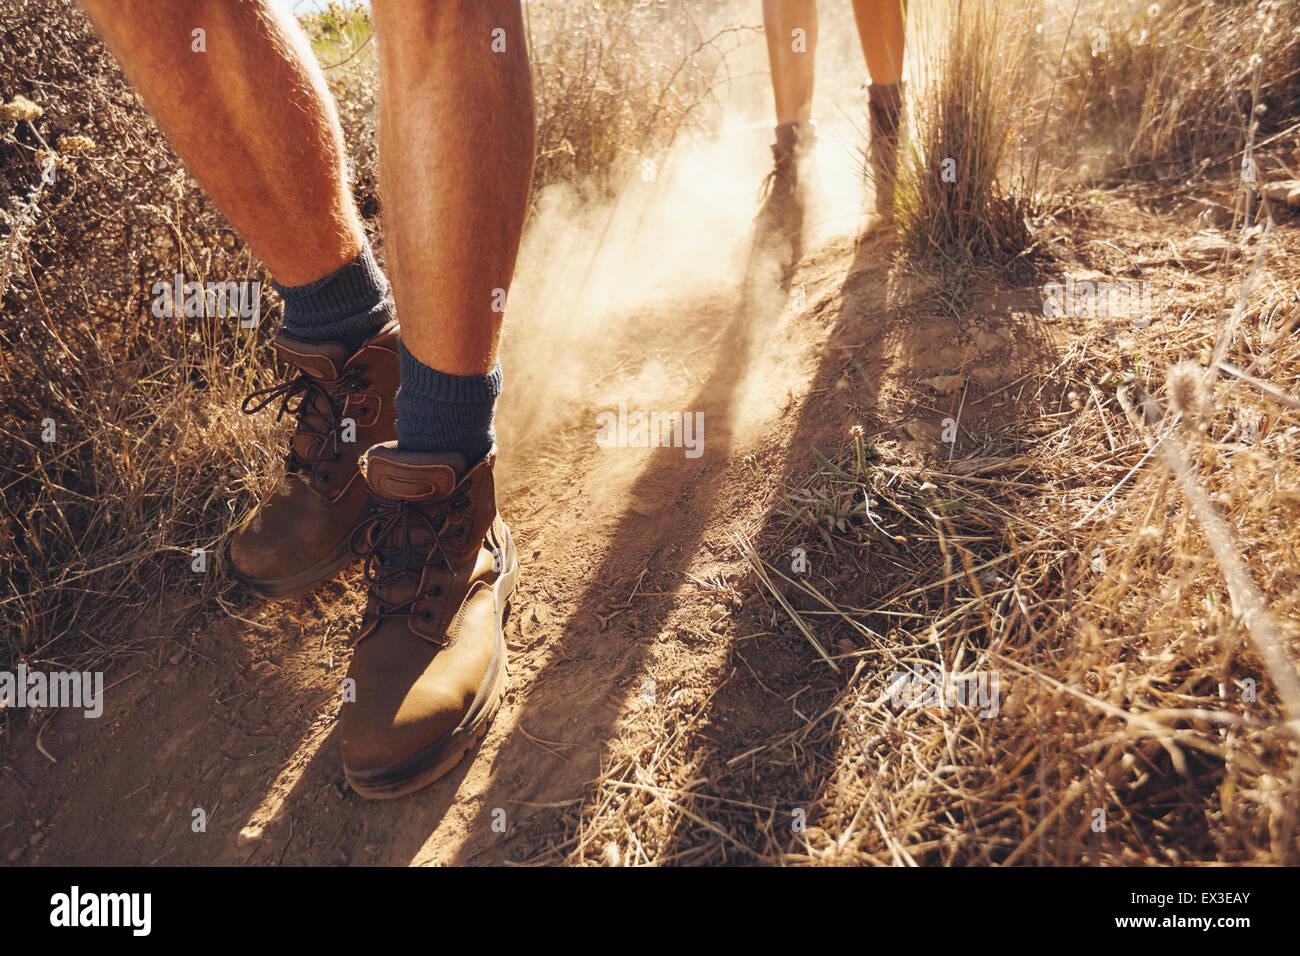 Bajo la sección foto de dos jóvenes caminando en el camino, se centran en los hombres las botas de trekking. Imagen De Stock